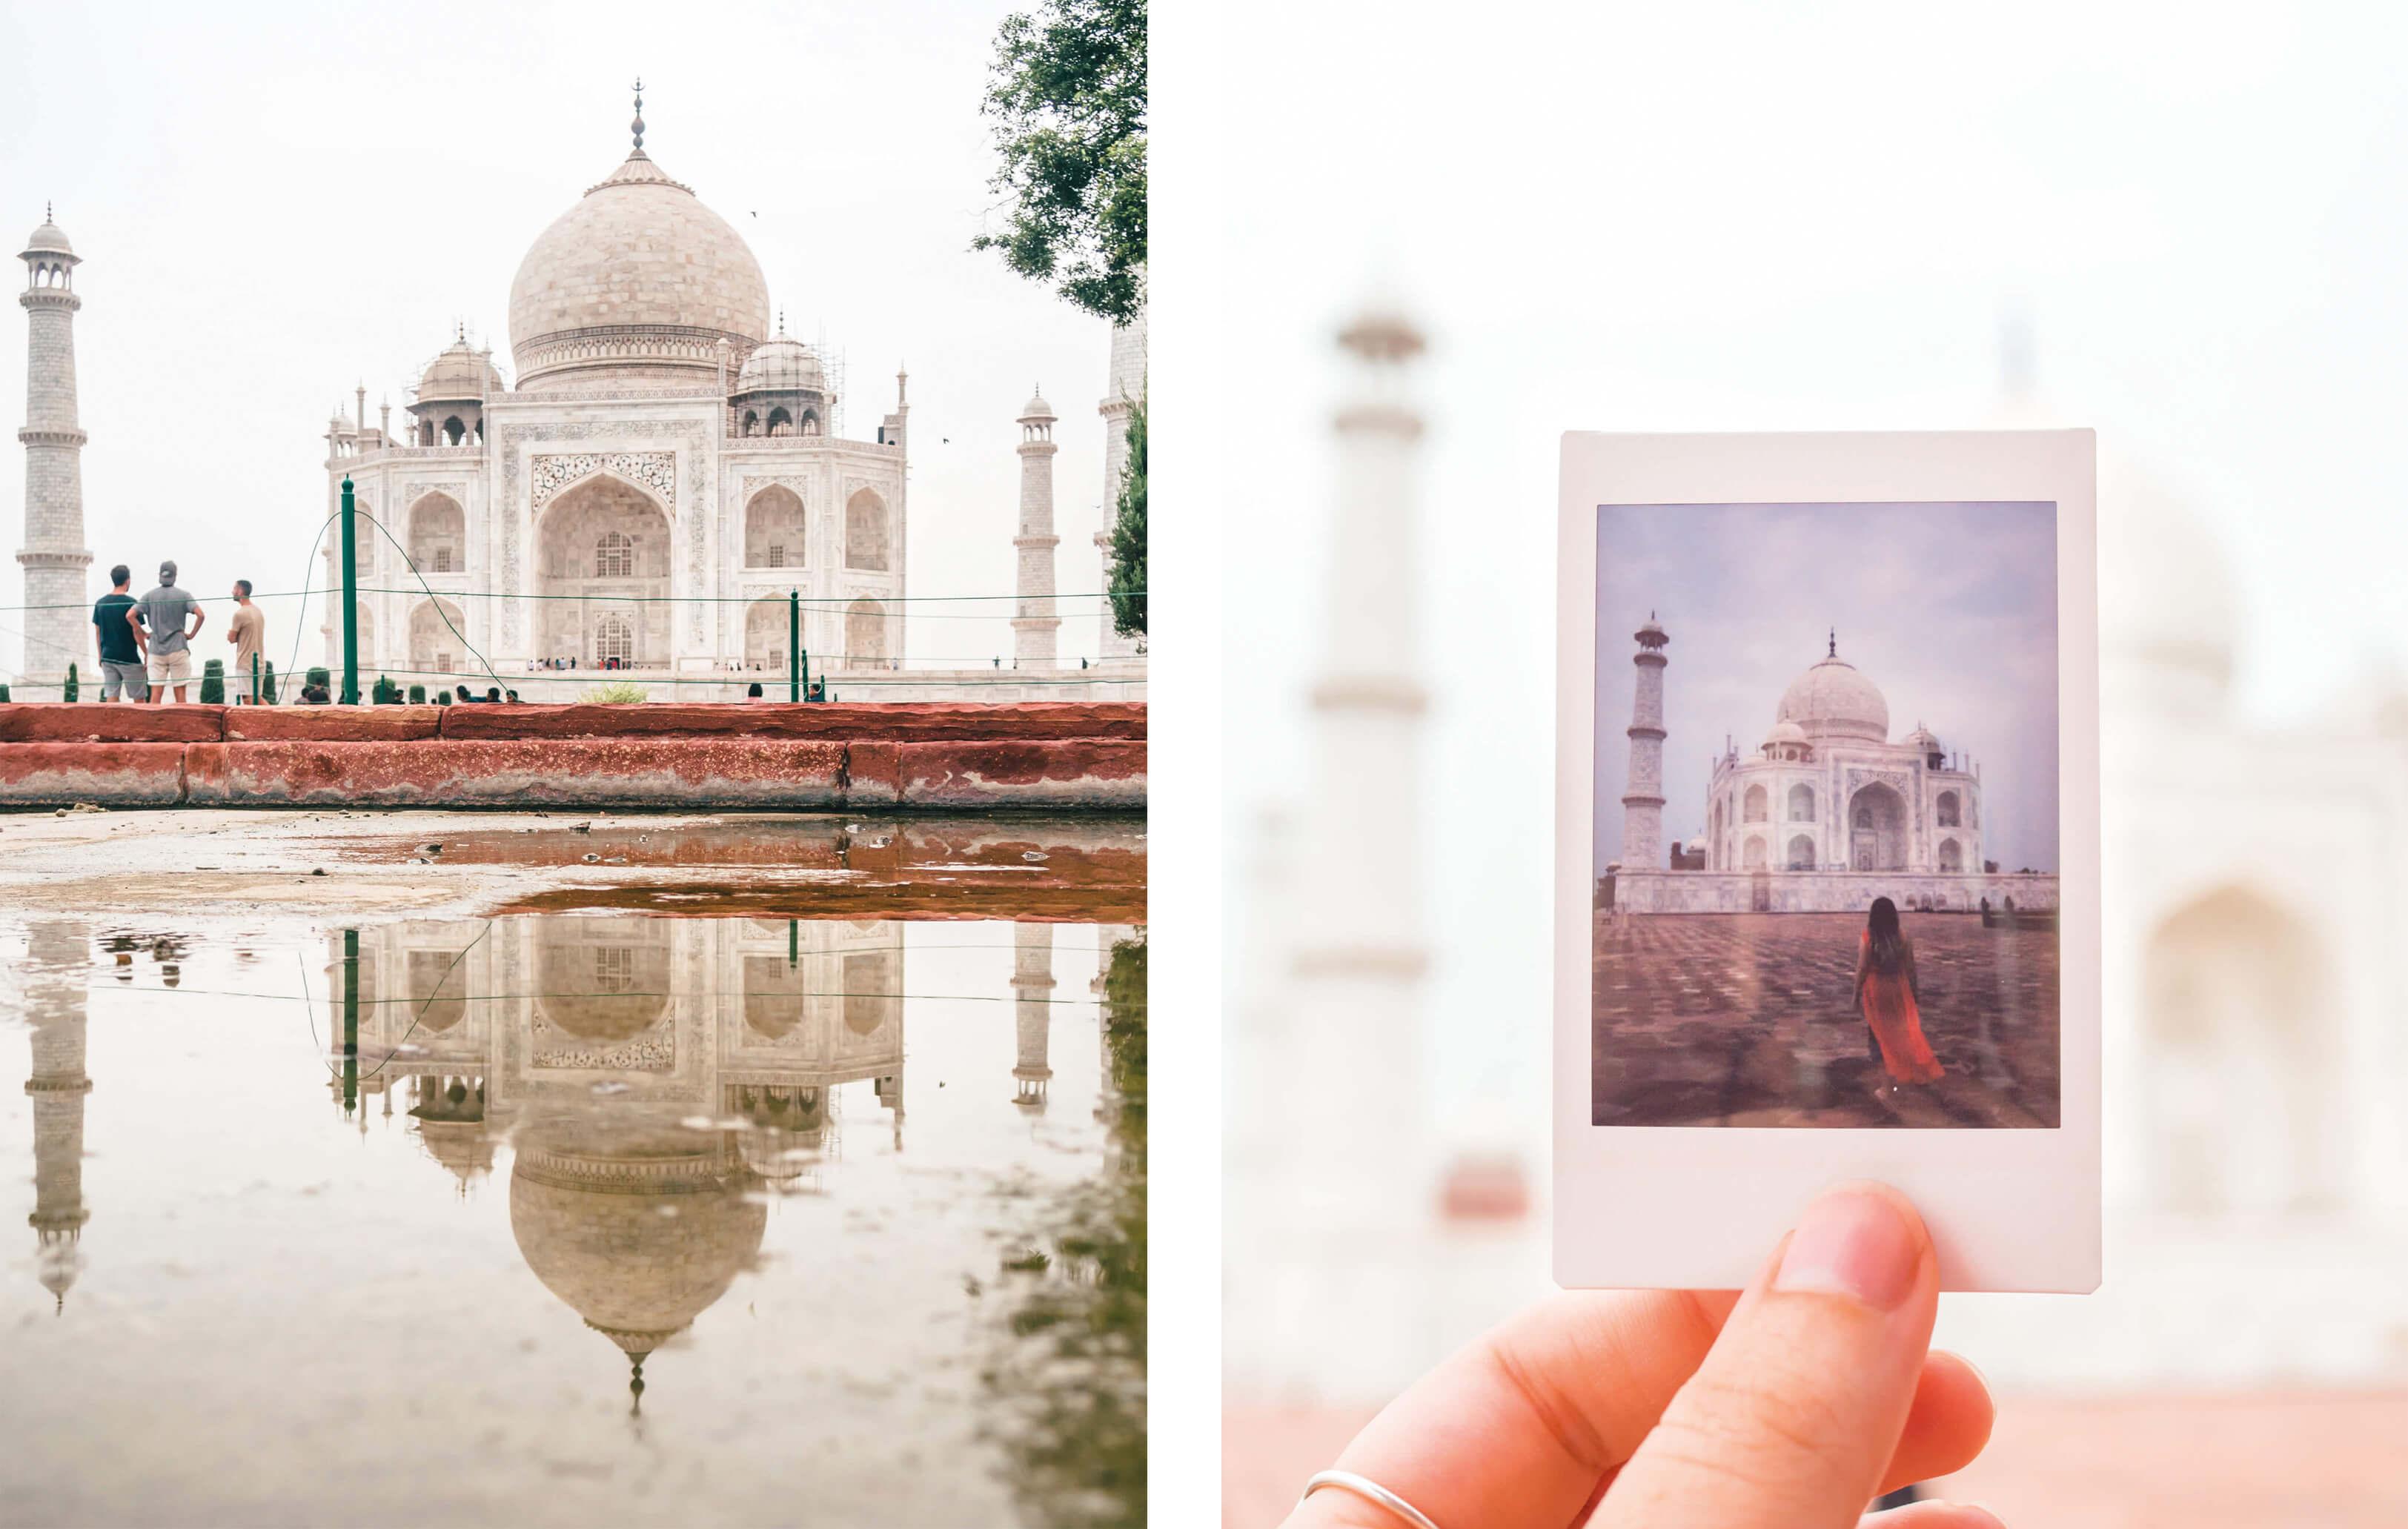 Taj Mahal photography tips - Reflection and Polaroids